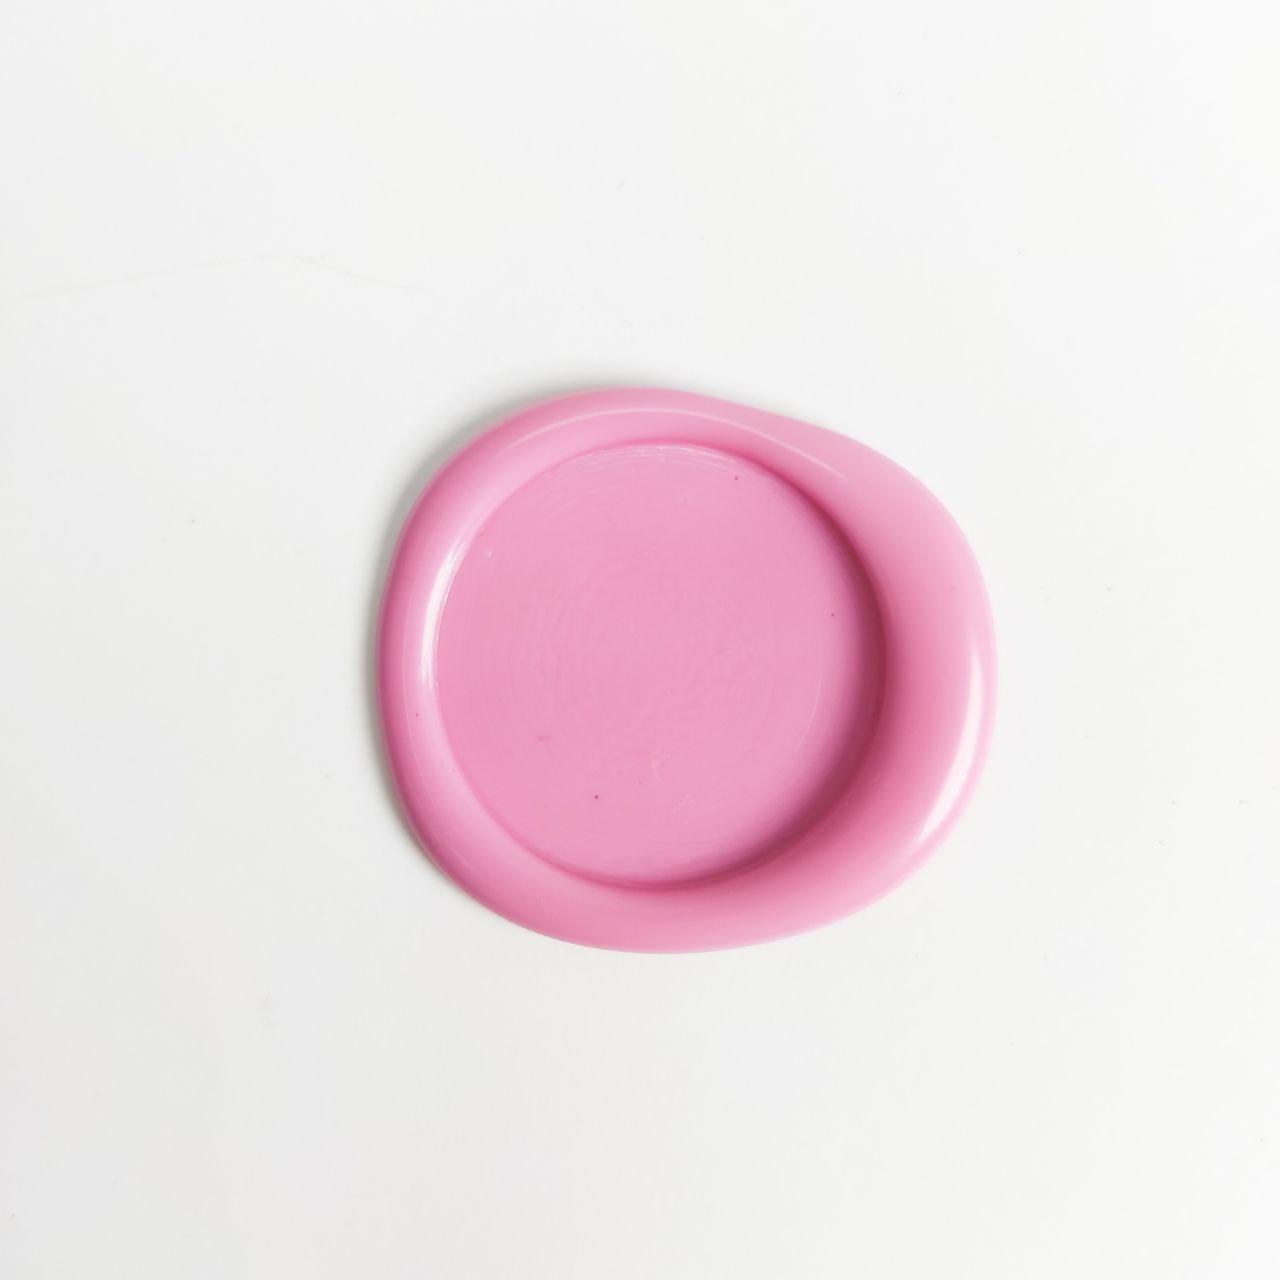 Декоративный сургуч. Цвет - Розовой пудры, матовый.